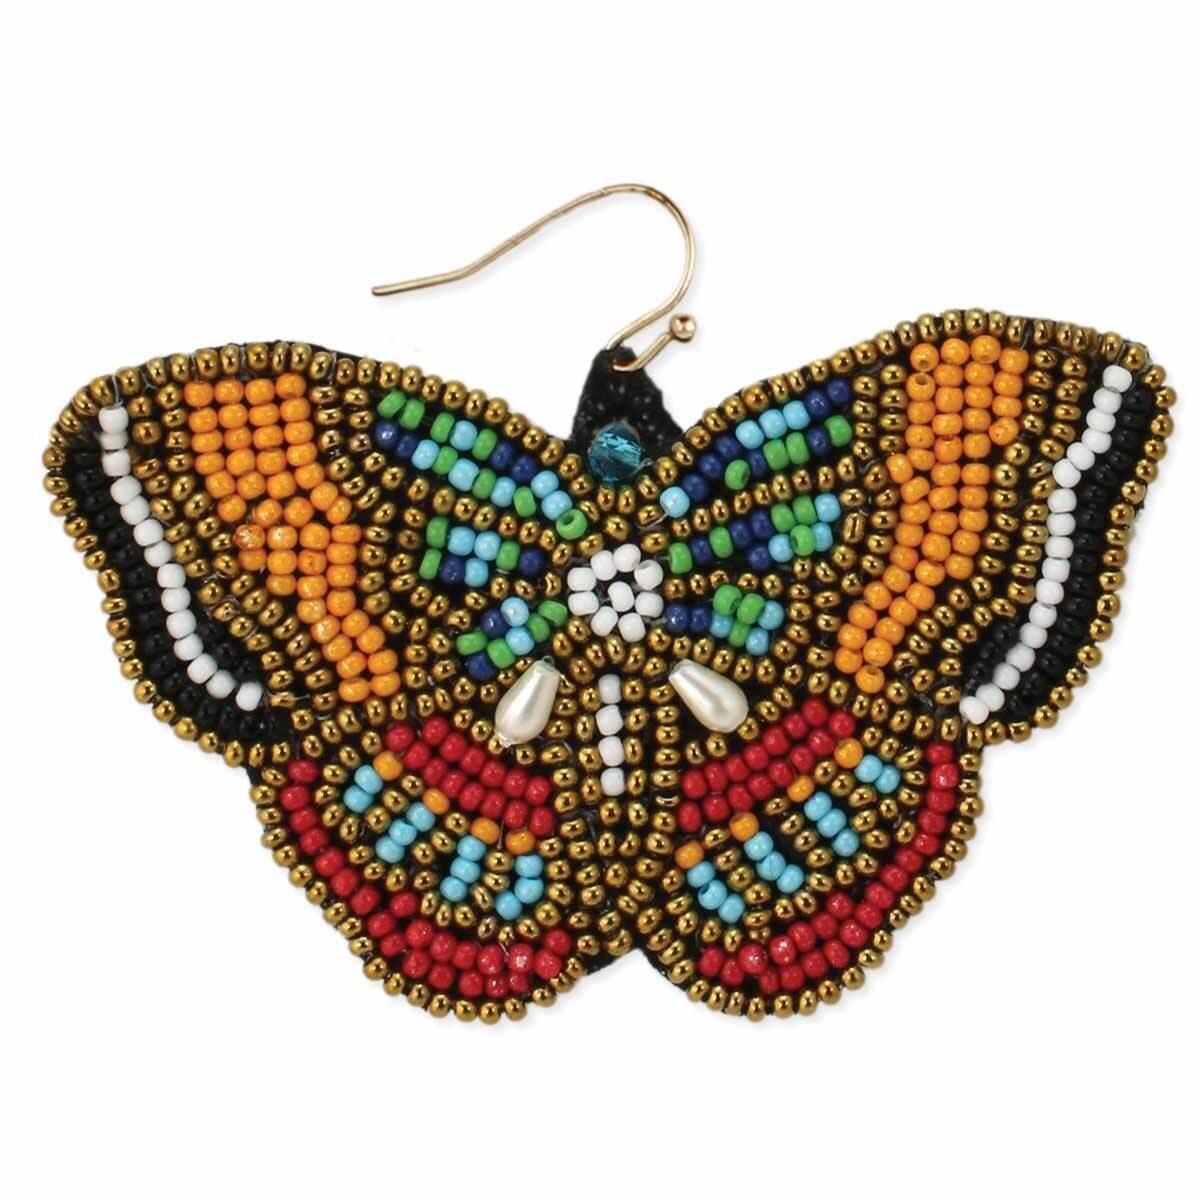 YL BK RD Beaded Butterfly Earring